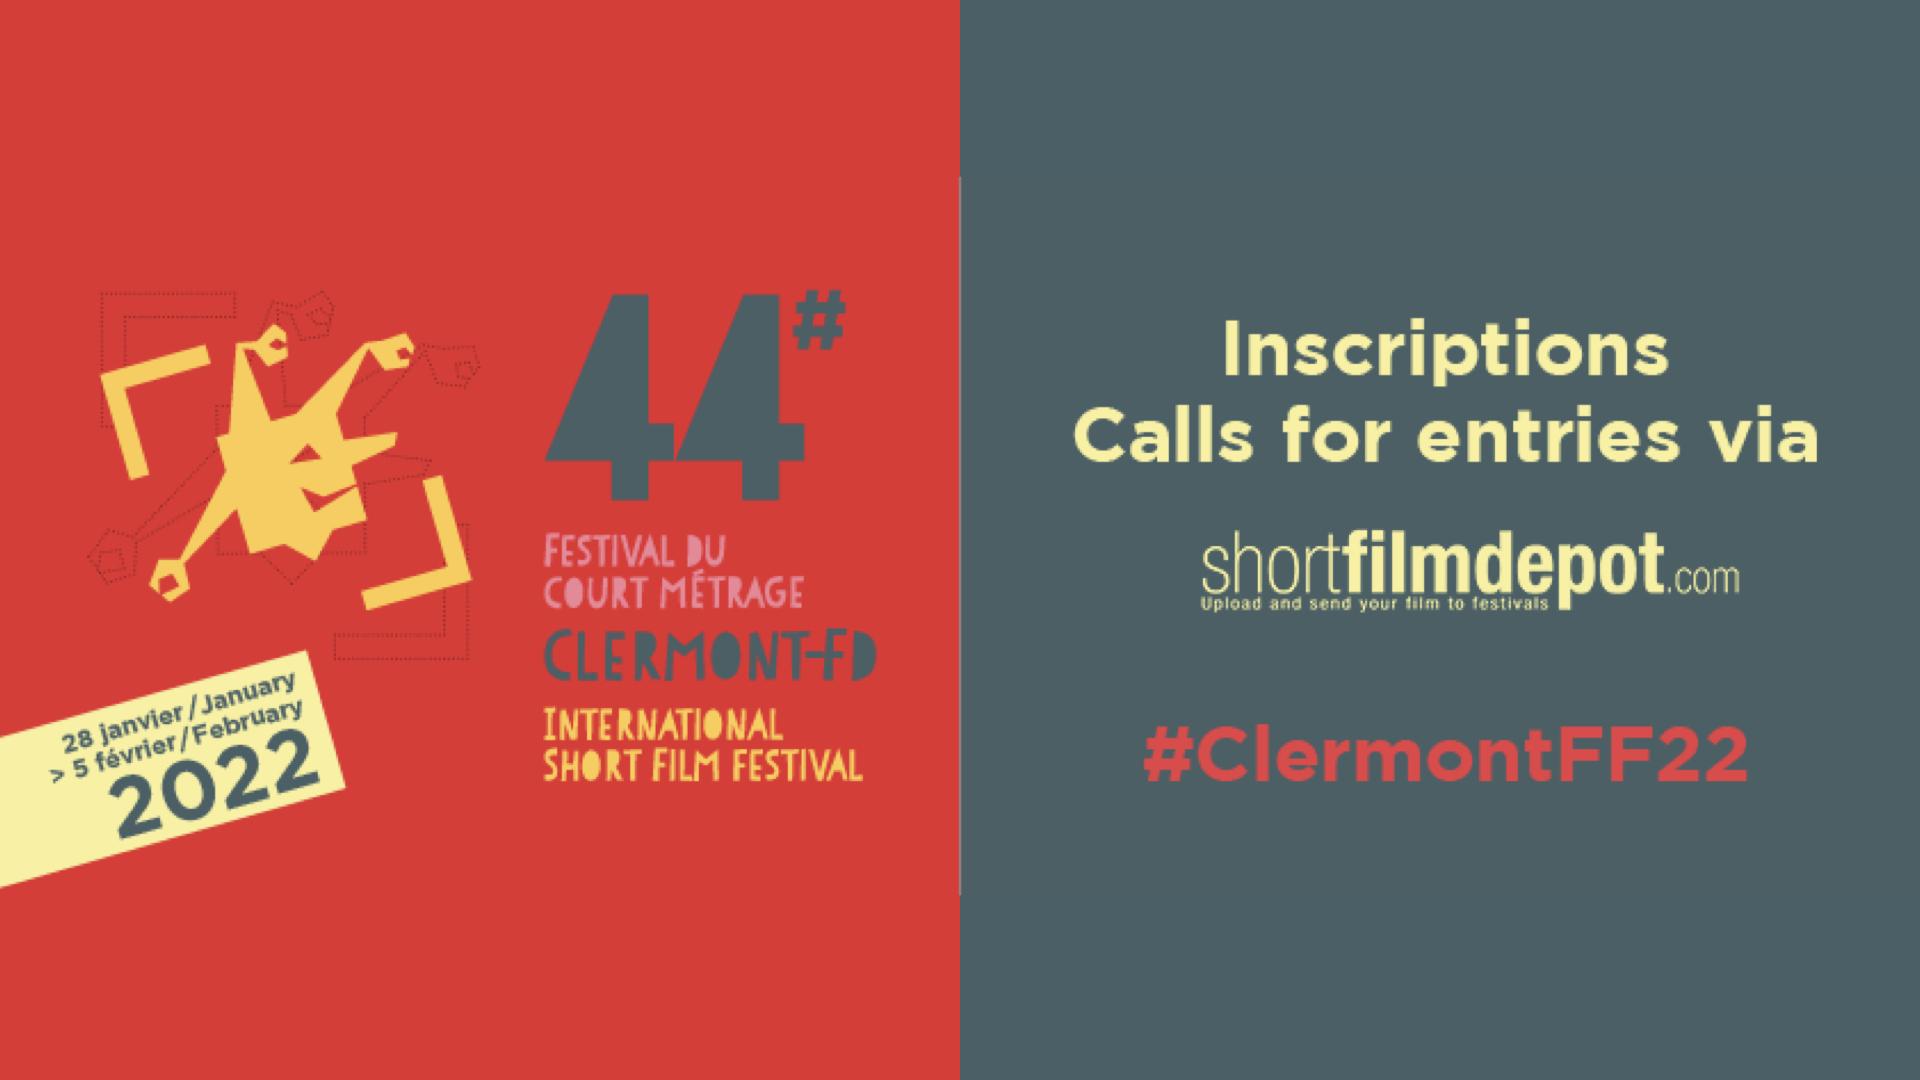 Inscrivez dès à présent vos films au Festival International du Court Métrage de Clermont-Ferrand 2022